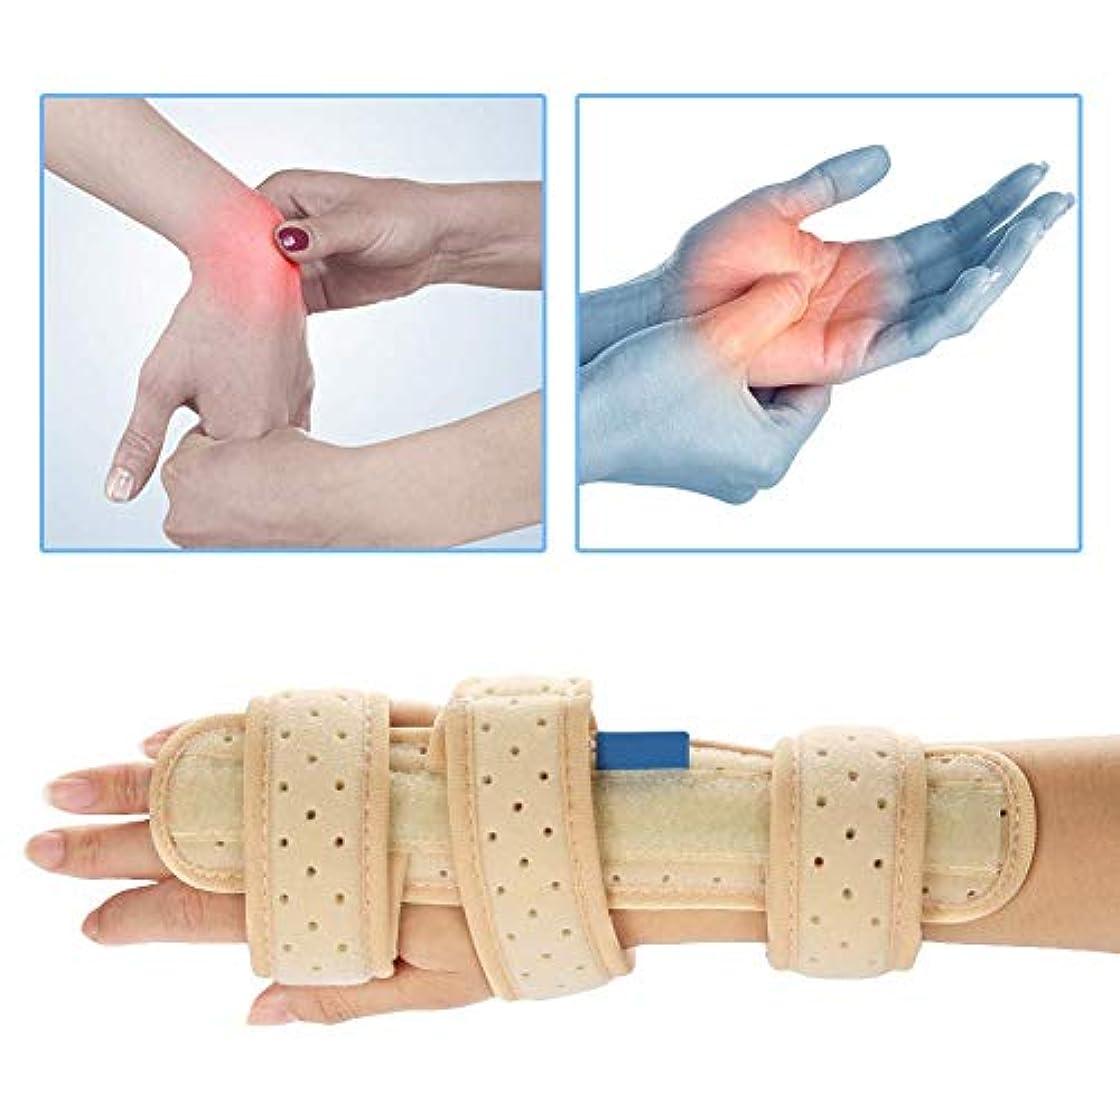 二年生ピアこしょう手首 固定 サポーター 、指手副木テープ手タラベルベット指通気性アルミニウムフィクサー手根管症候群骨折関節炎